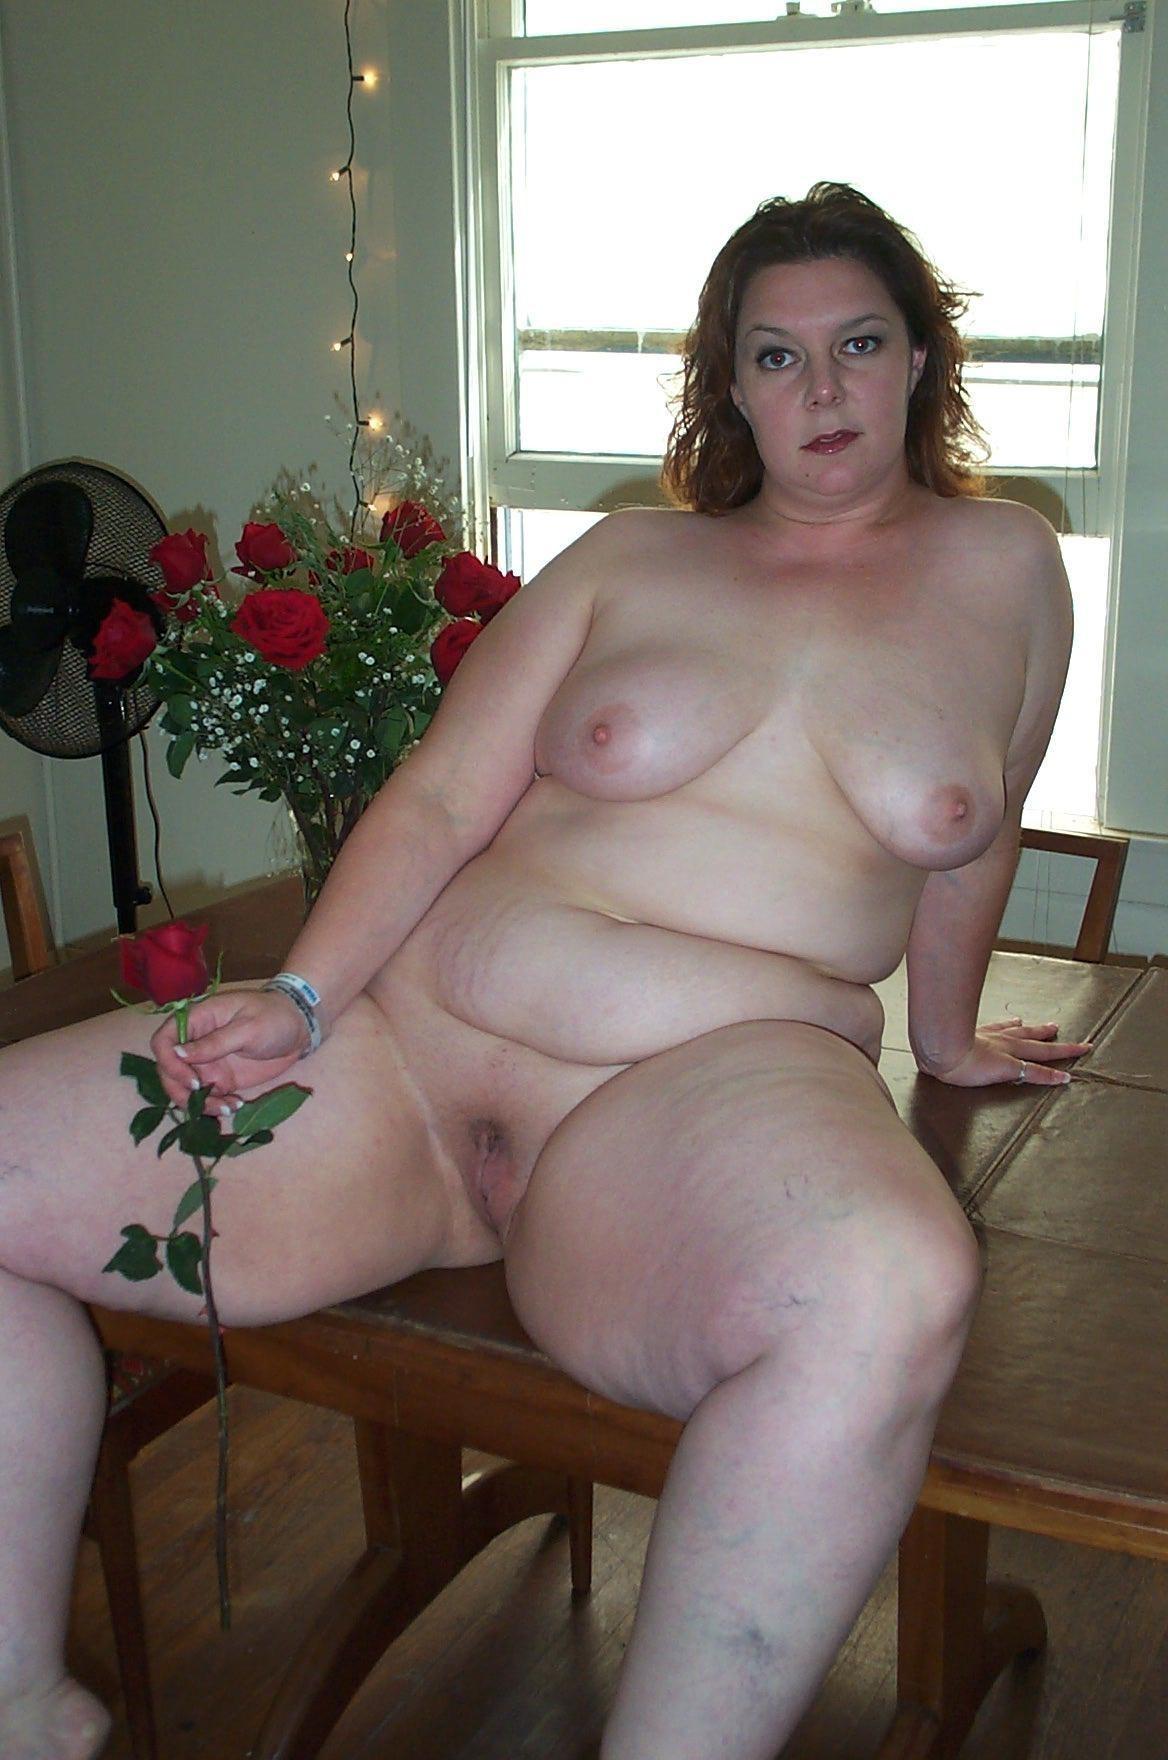 извиняюсь, Порно лесбиянки кино смотреть !!!!!!!!!!!!!!!!!!!!!!!!!